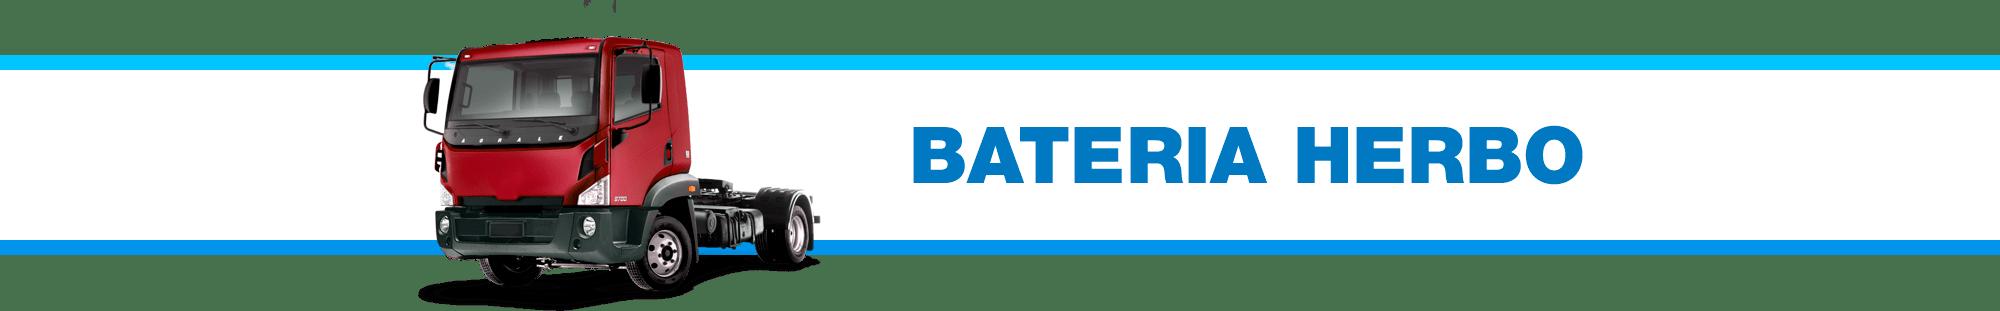 sv-baterias-bateria-herbo-caminho-v2